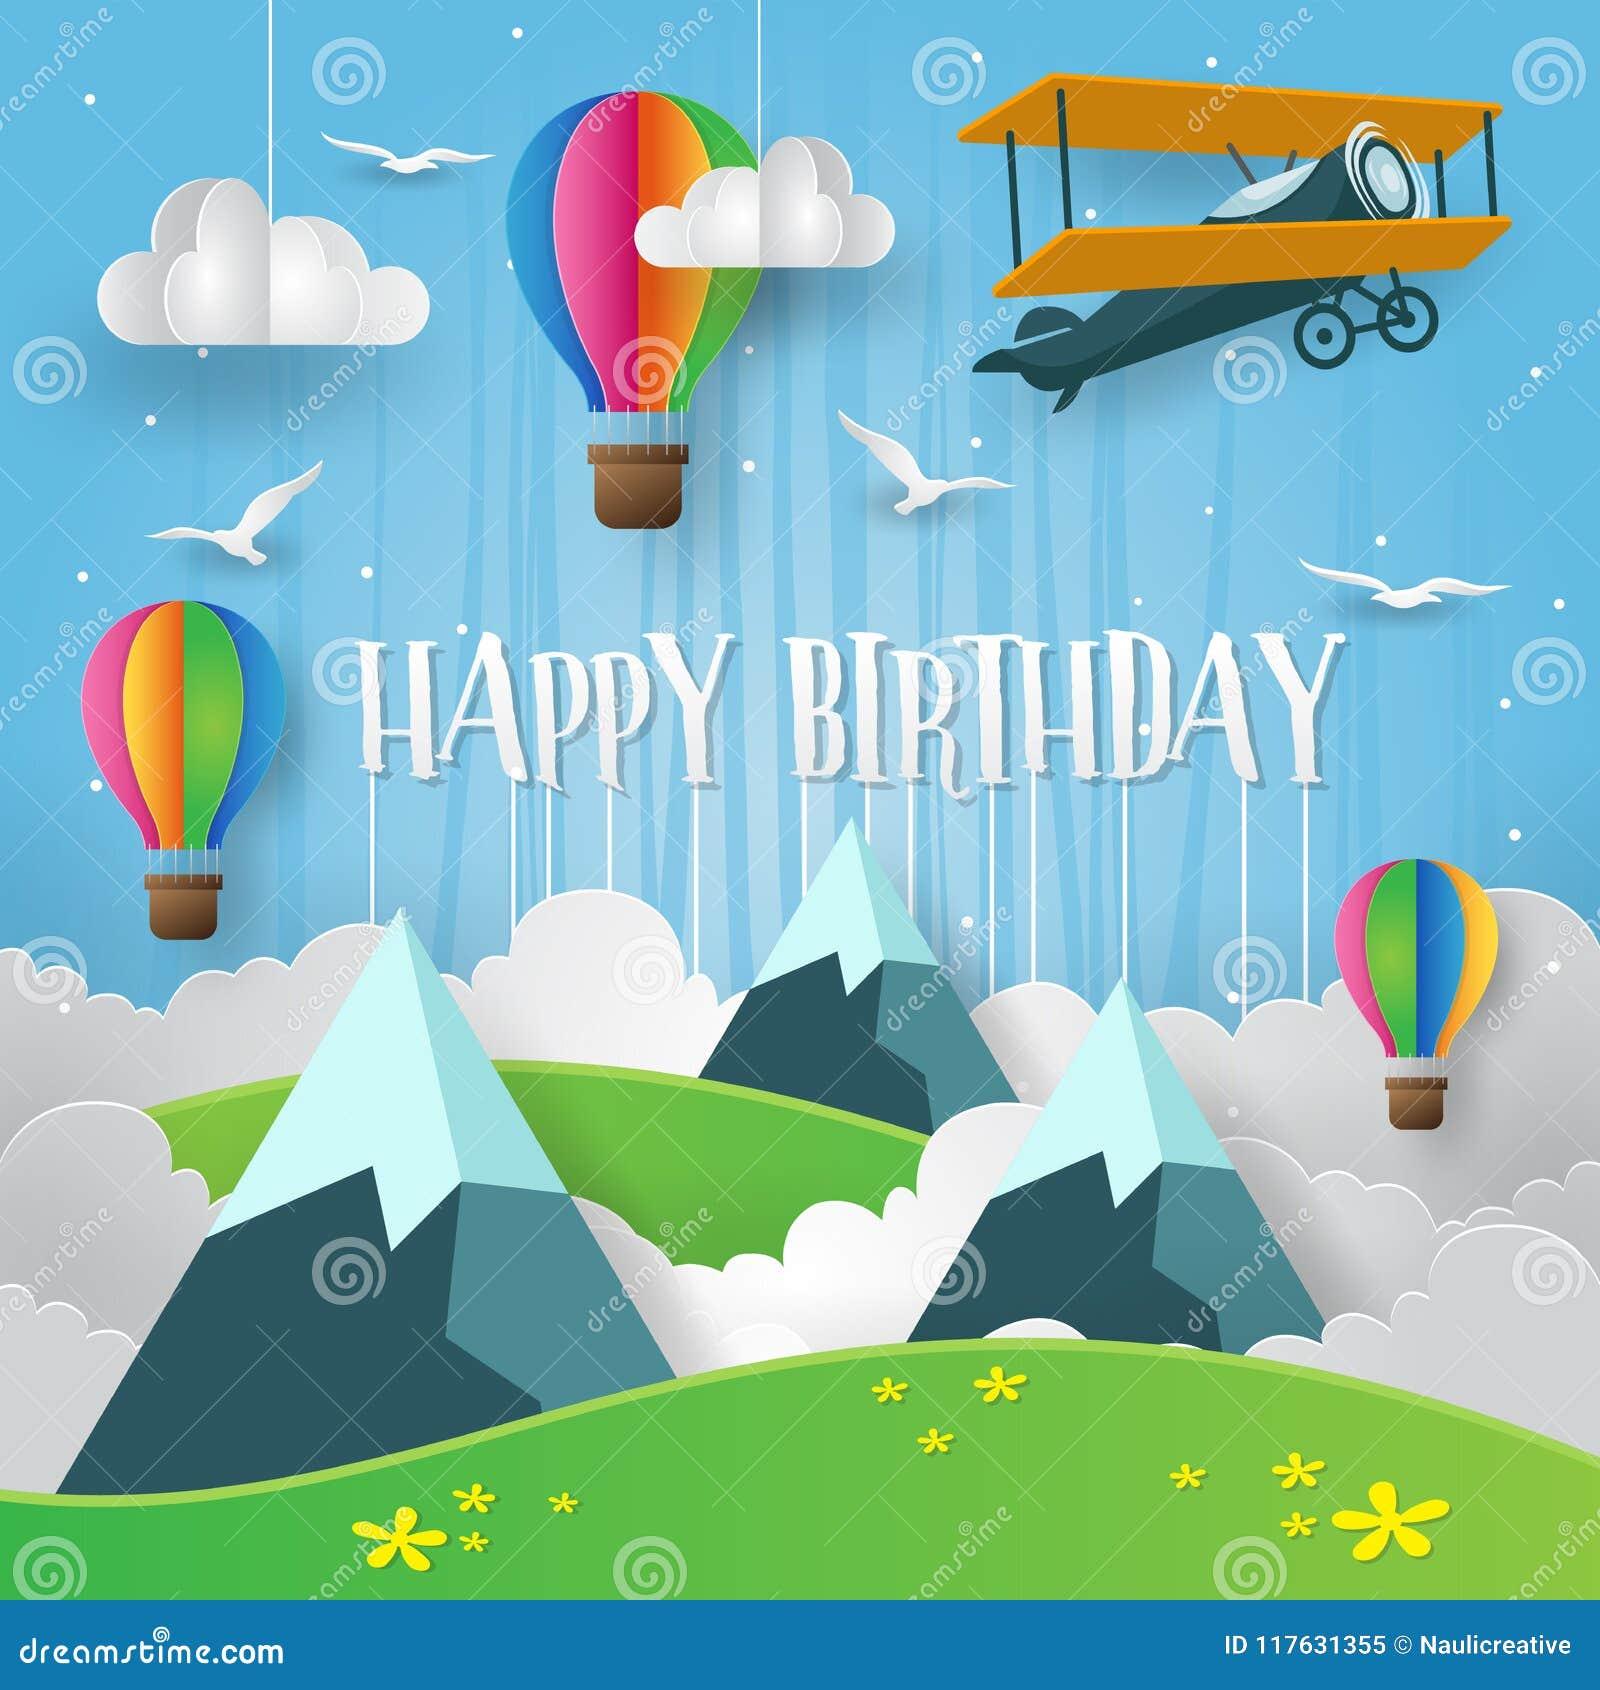 Papel moderno Art Style Mountain Adventure In el ejemplo de la tarjeta del feliz cumpleaños del cielo